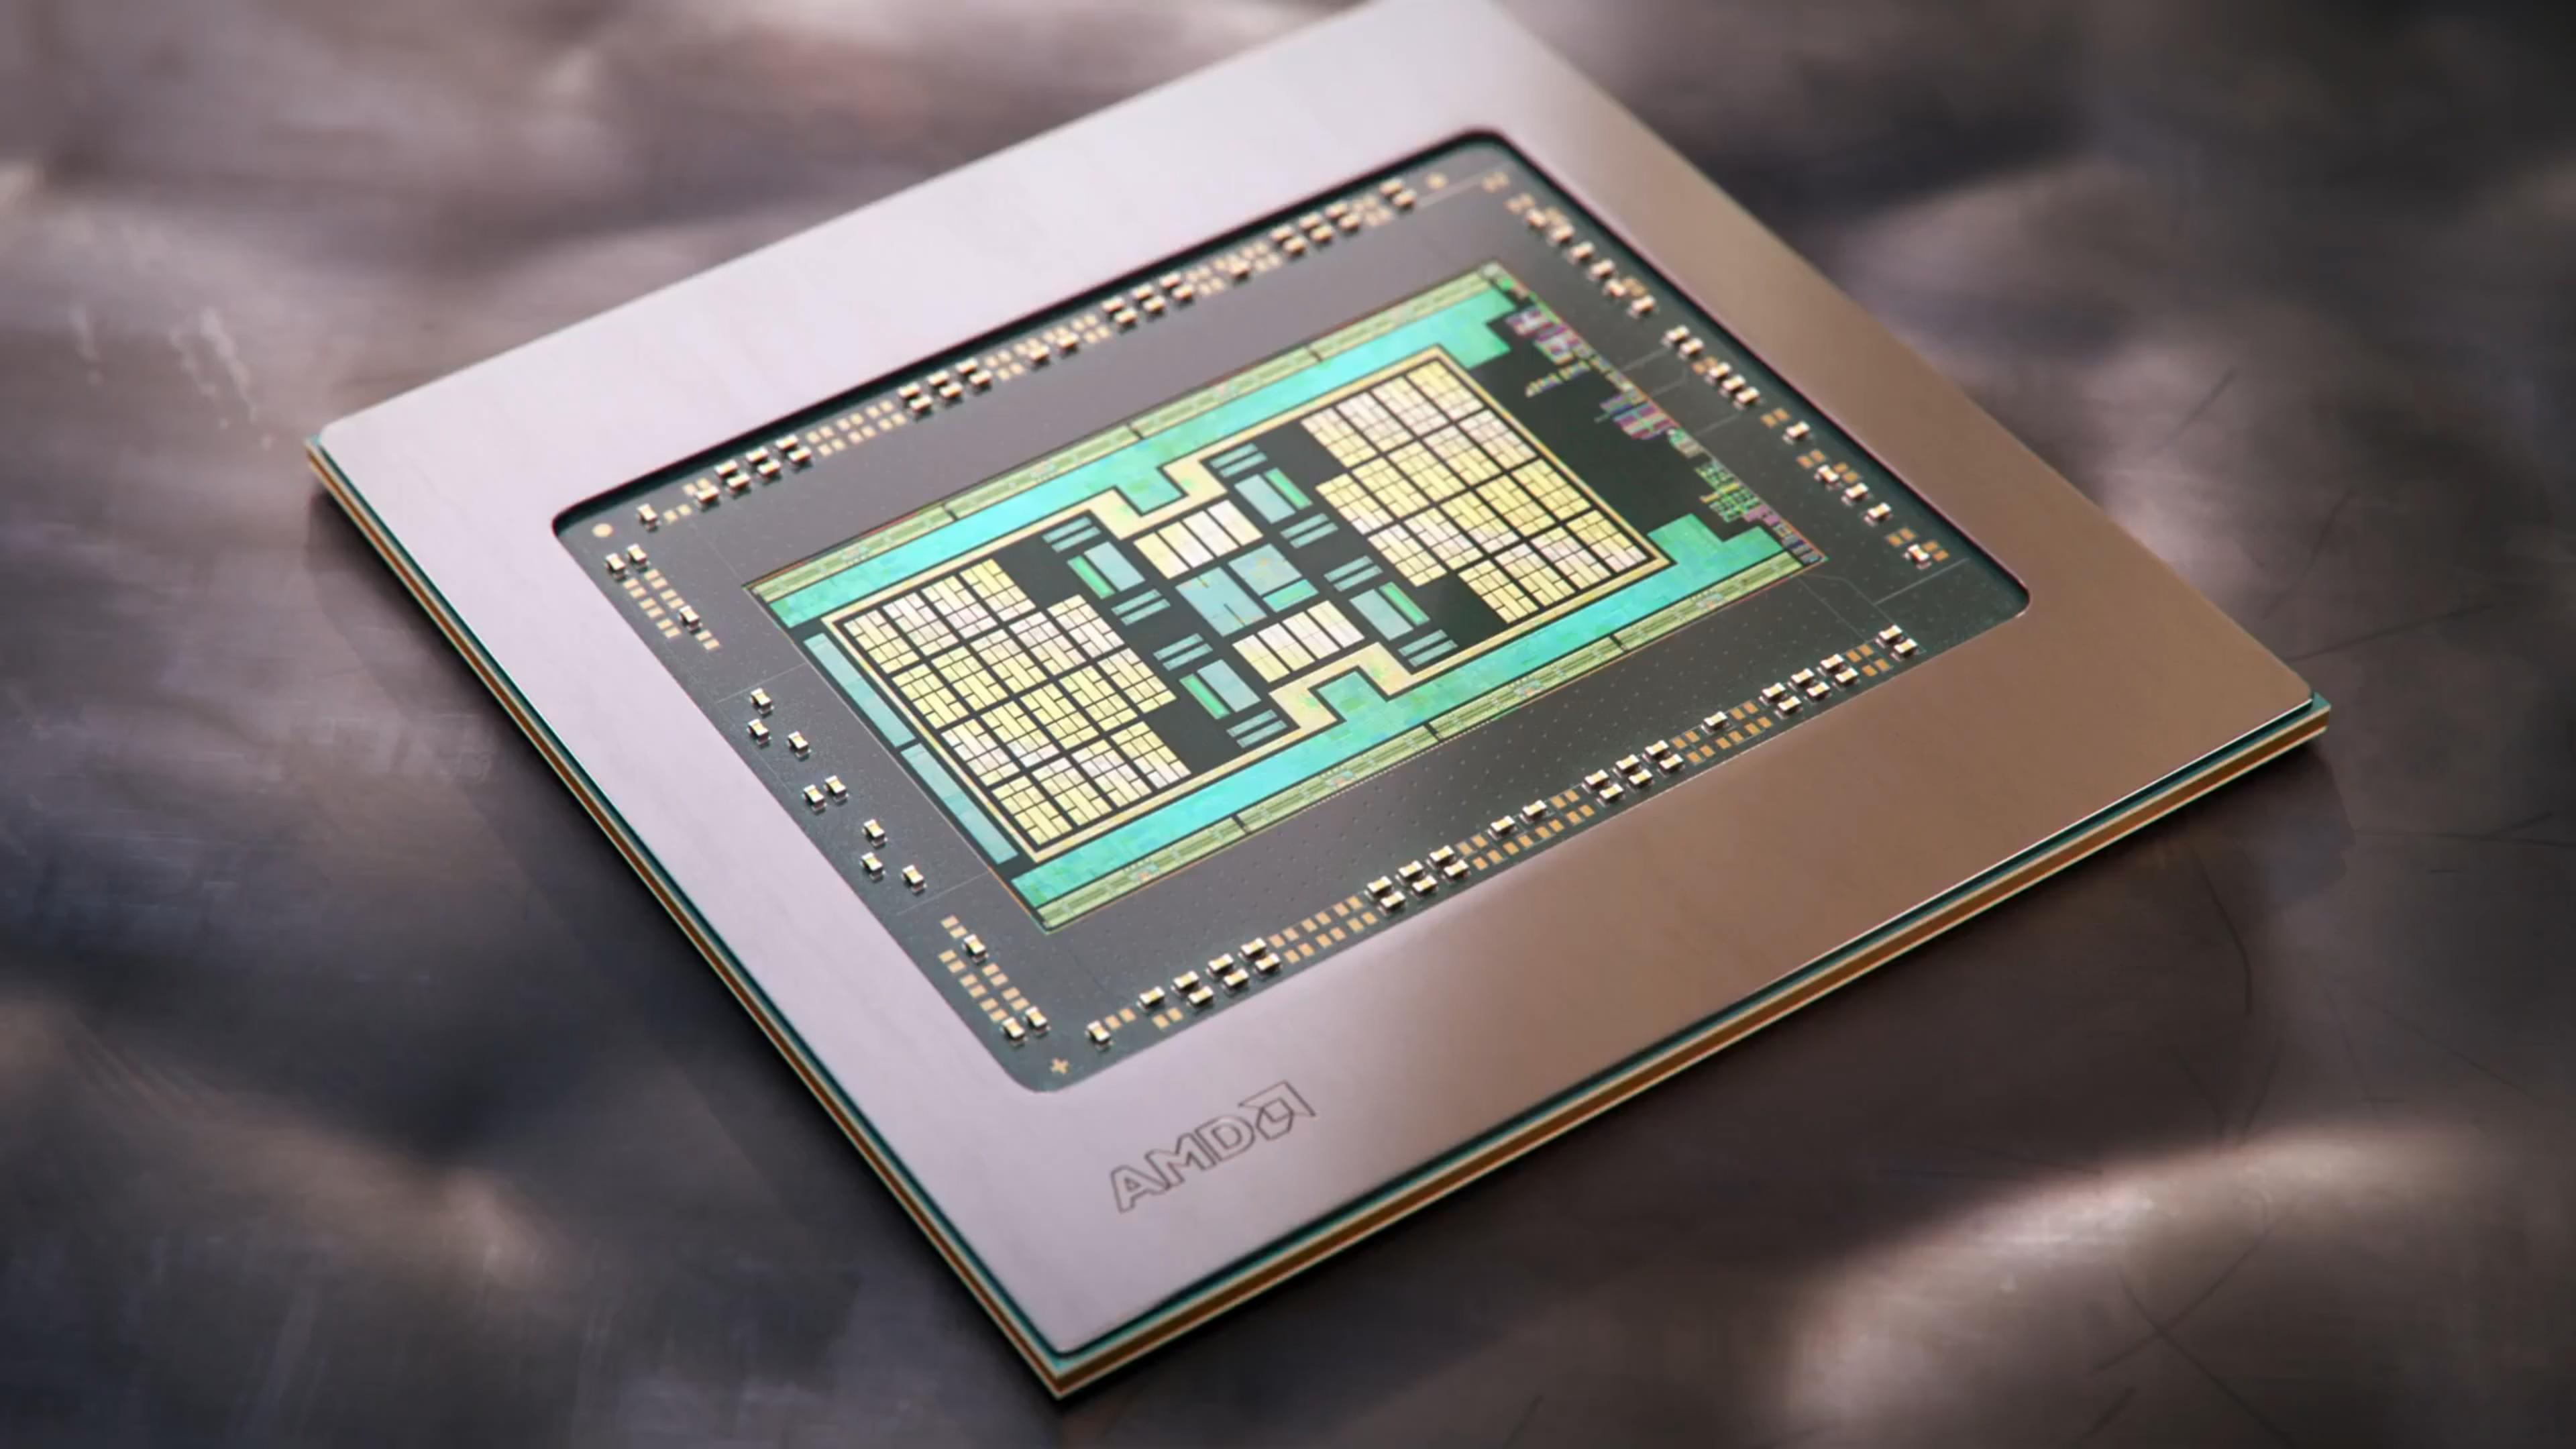 """AMD Radeon RX 6900 XT Placa de vídeo """"Big Navi"""" carro-chefe: lançada por US $ 999 - concorrente da GeForce RTX 3090 com apenas 300 W 1"""